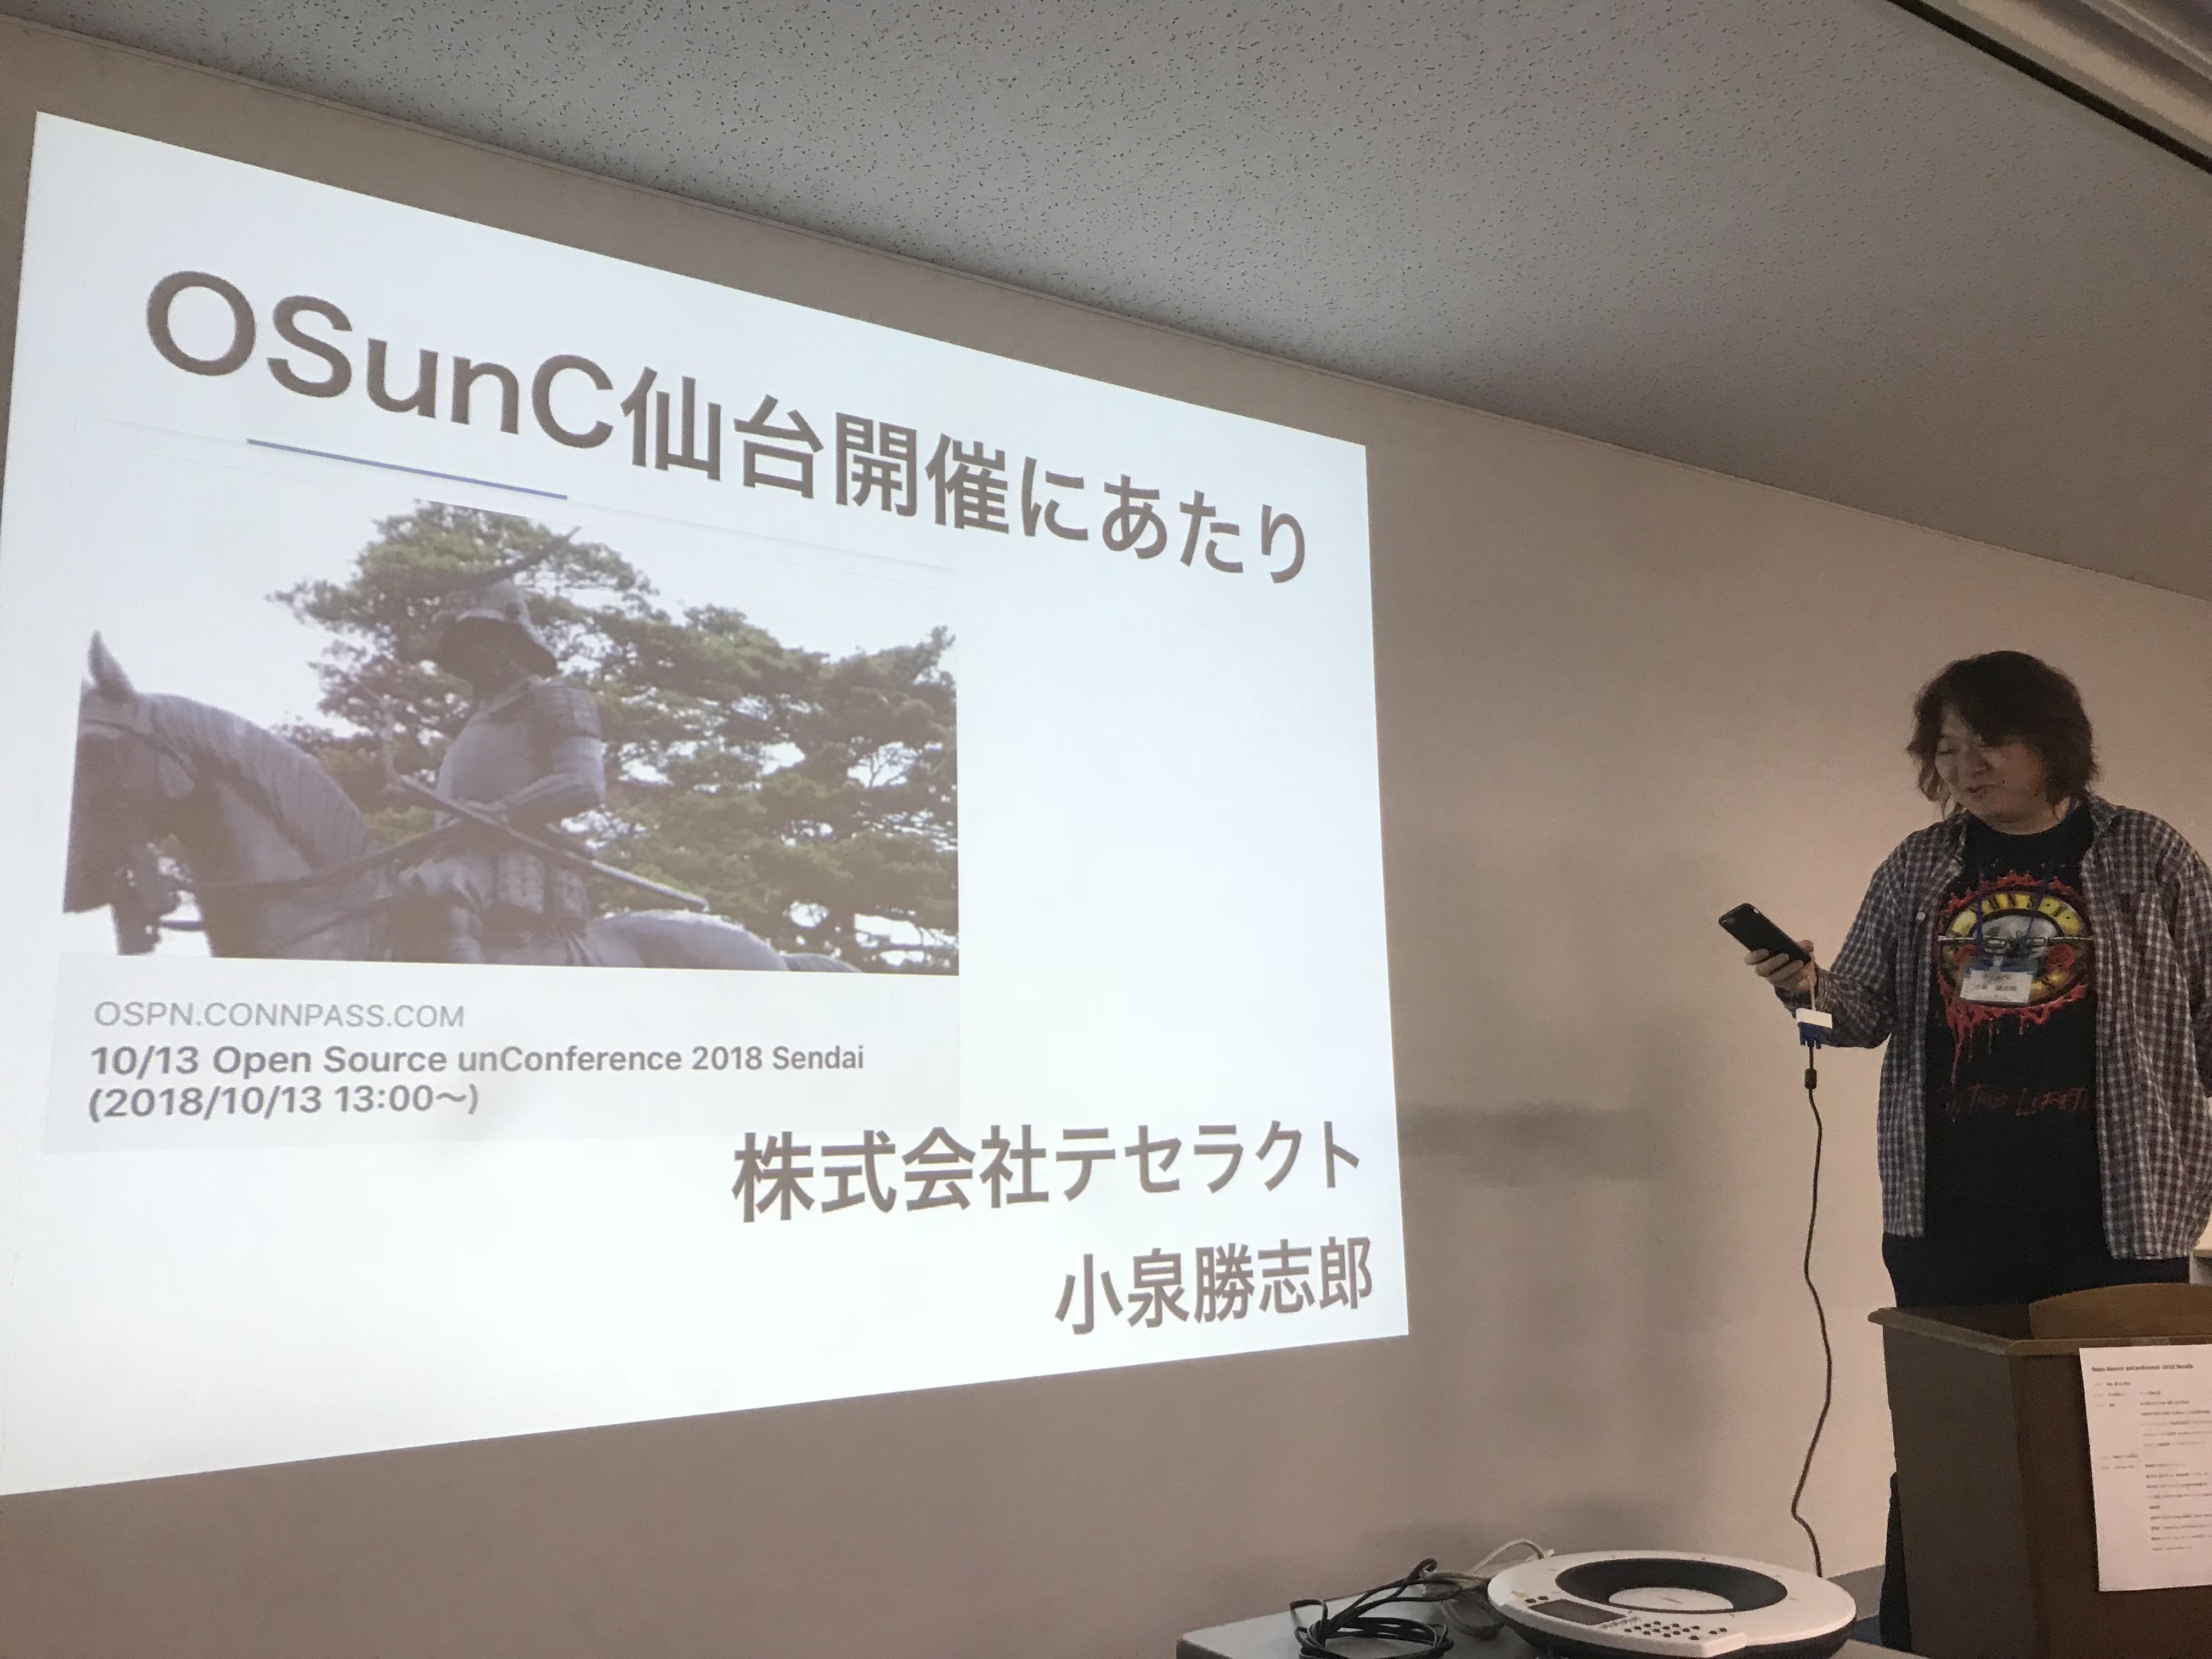 Open Source unConference 2018 Sendai で WordPressとライセンスとビジネスの話をしてきましたよ #osunc18sd